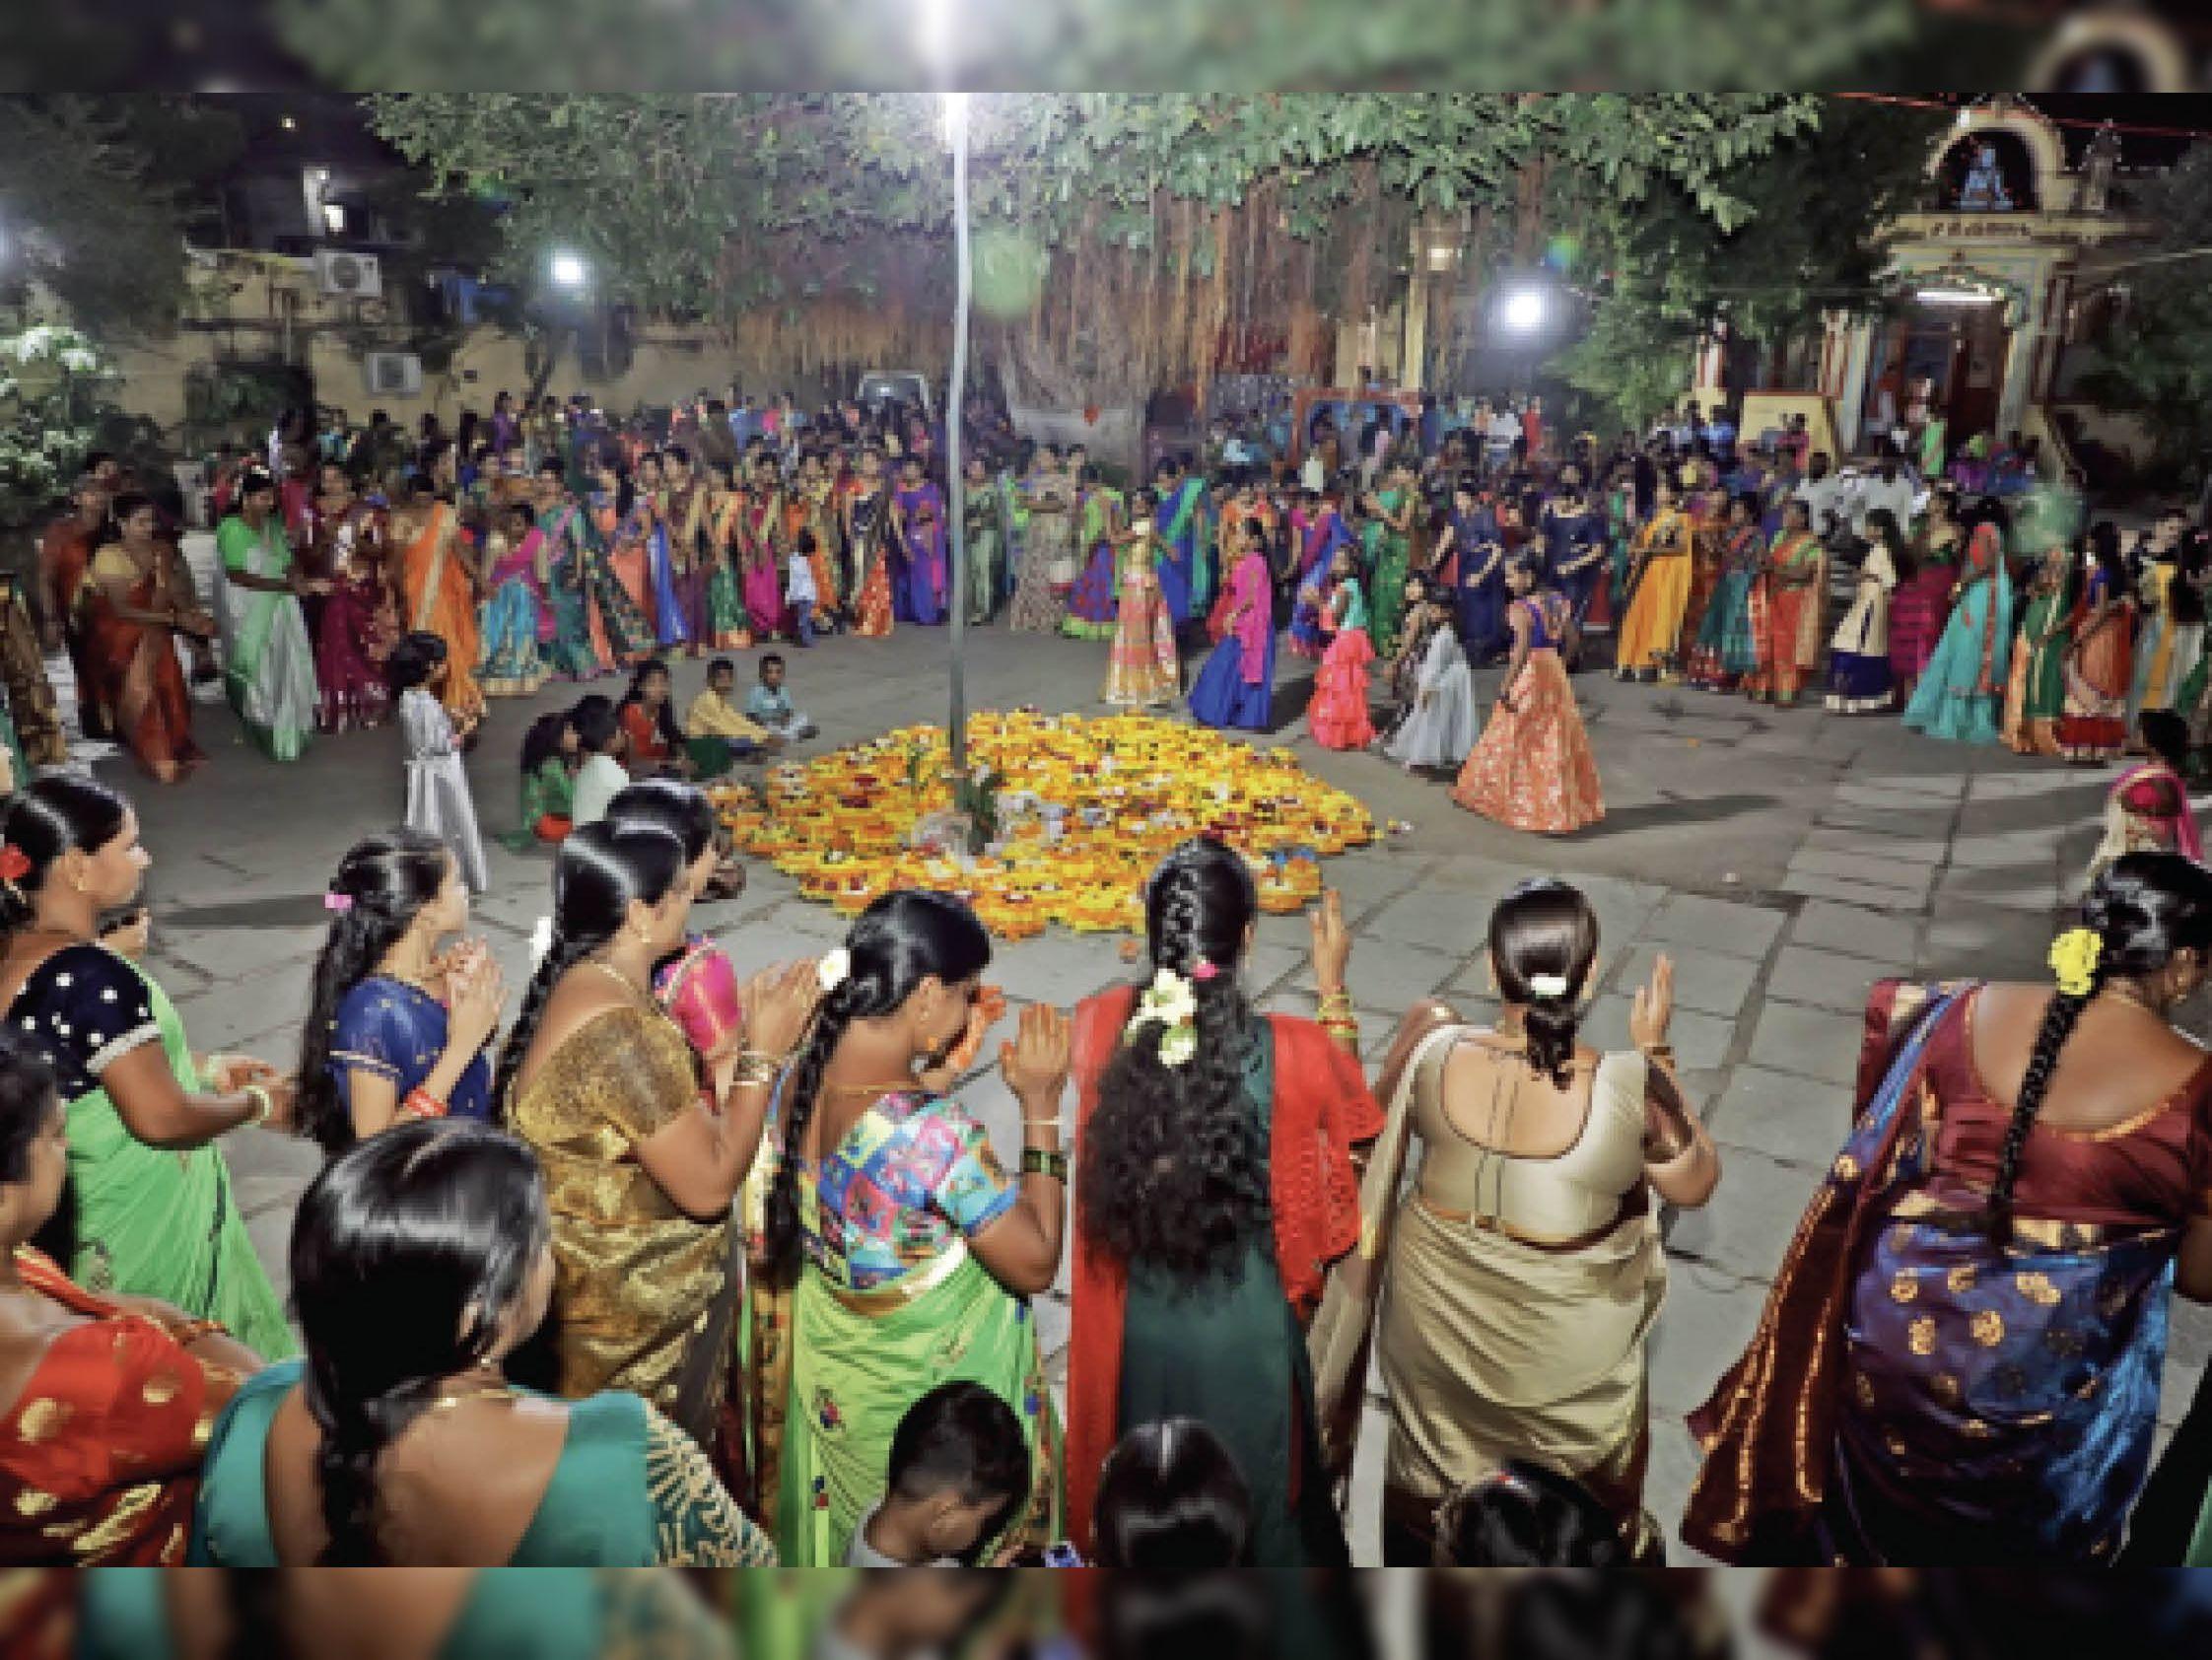 बतुकम्मा पर्व पर बुधवार को तेलुगु महिलाओं ने फूलों से गोपुरम मंदिर की आकृति बनाई, फिर उसे बीच में रखकर गरबा किया। - Dainik Bhaskar